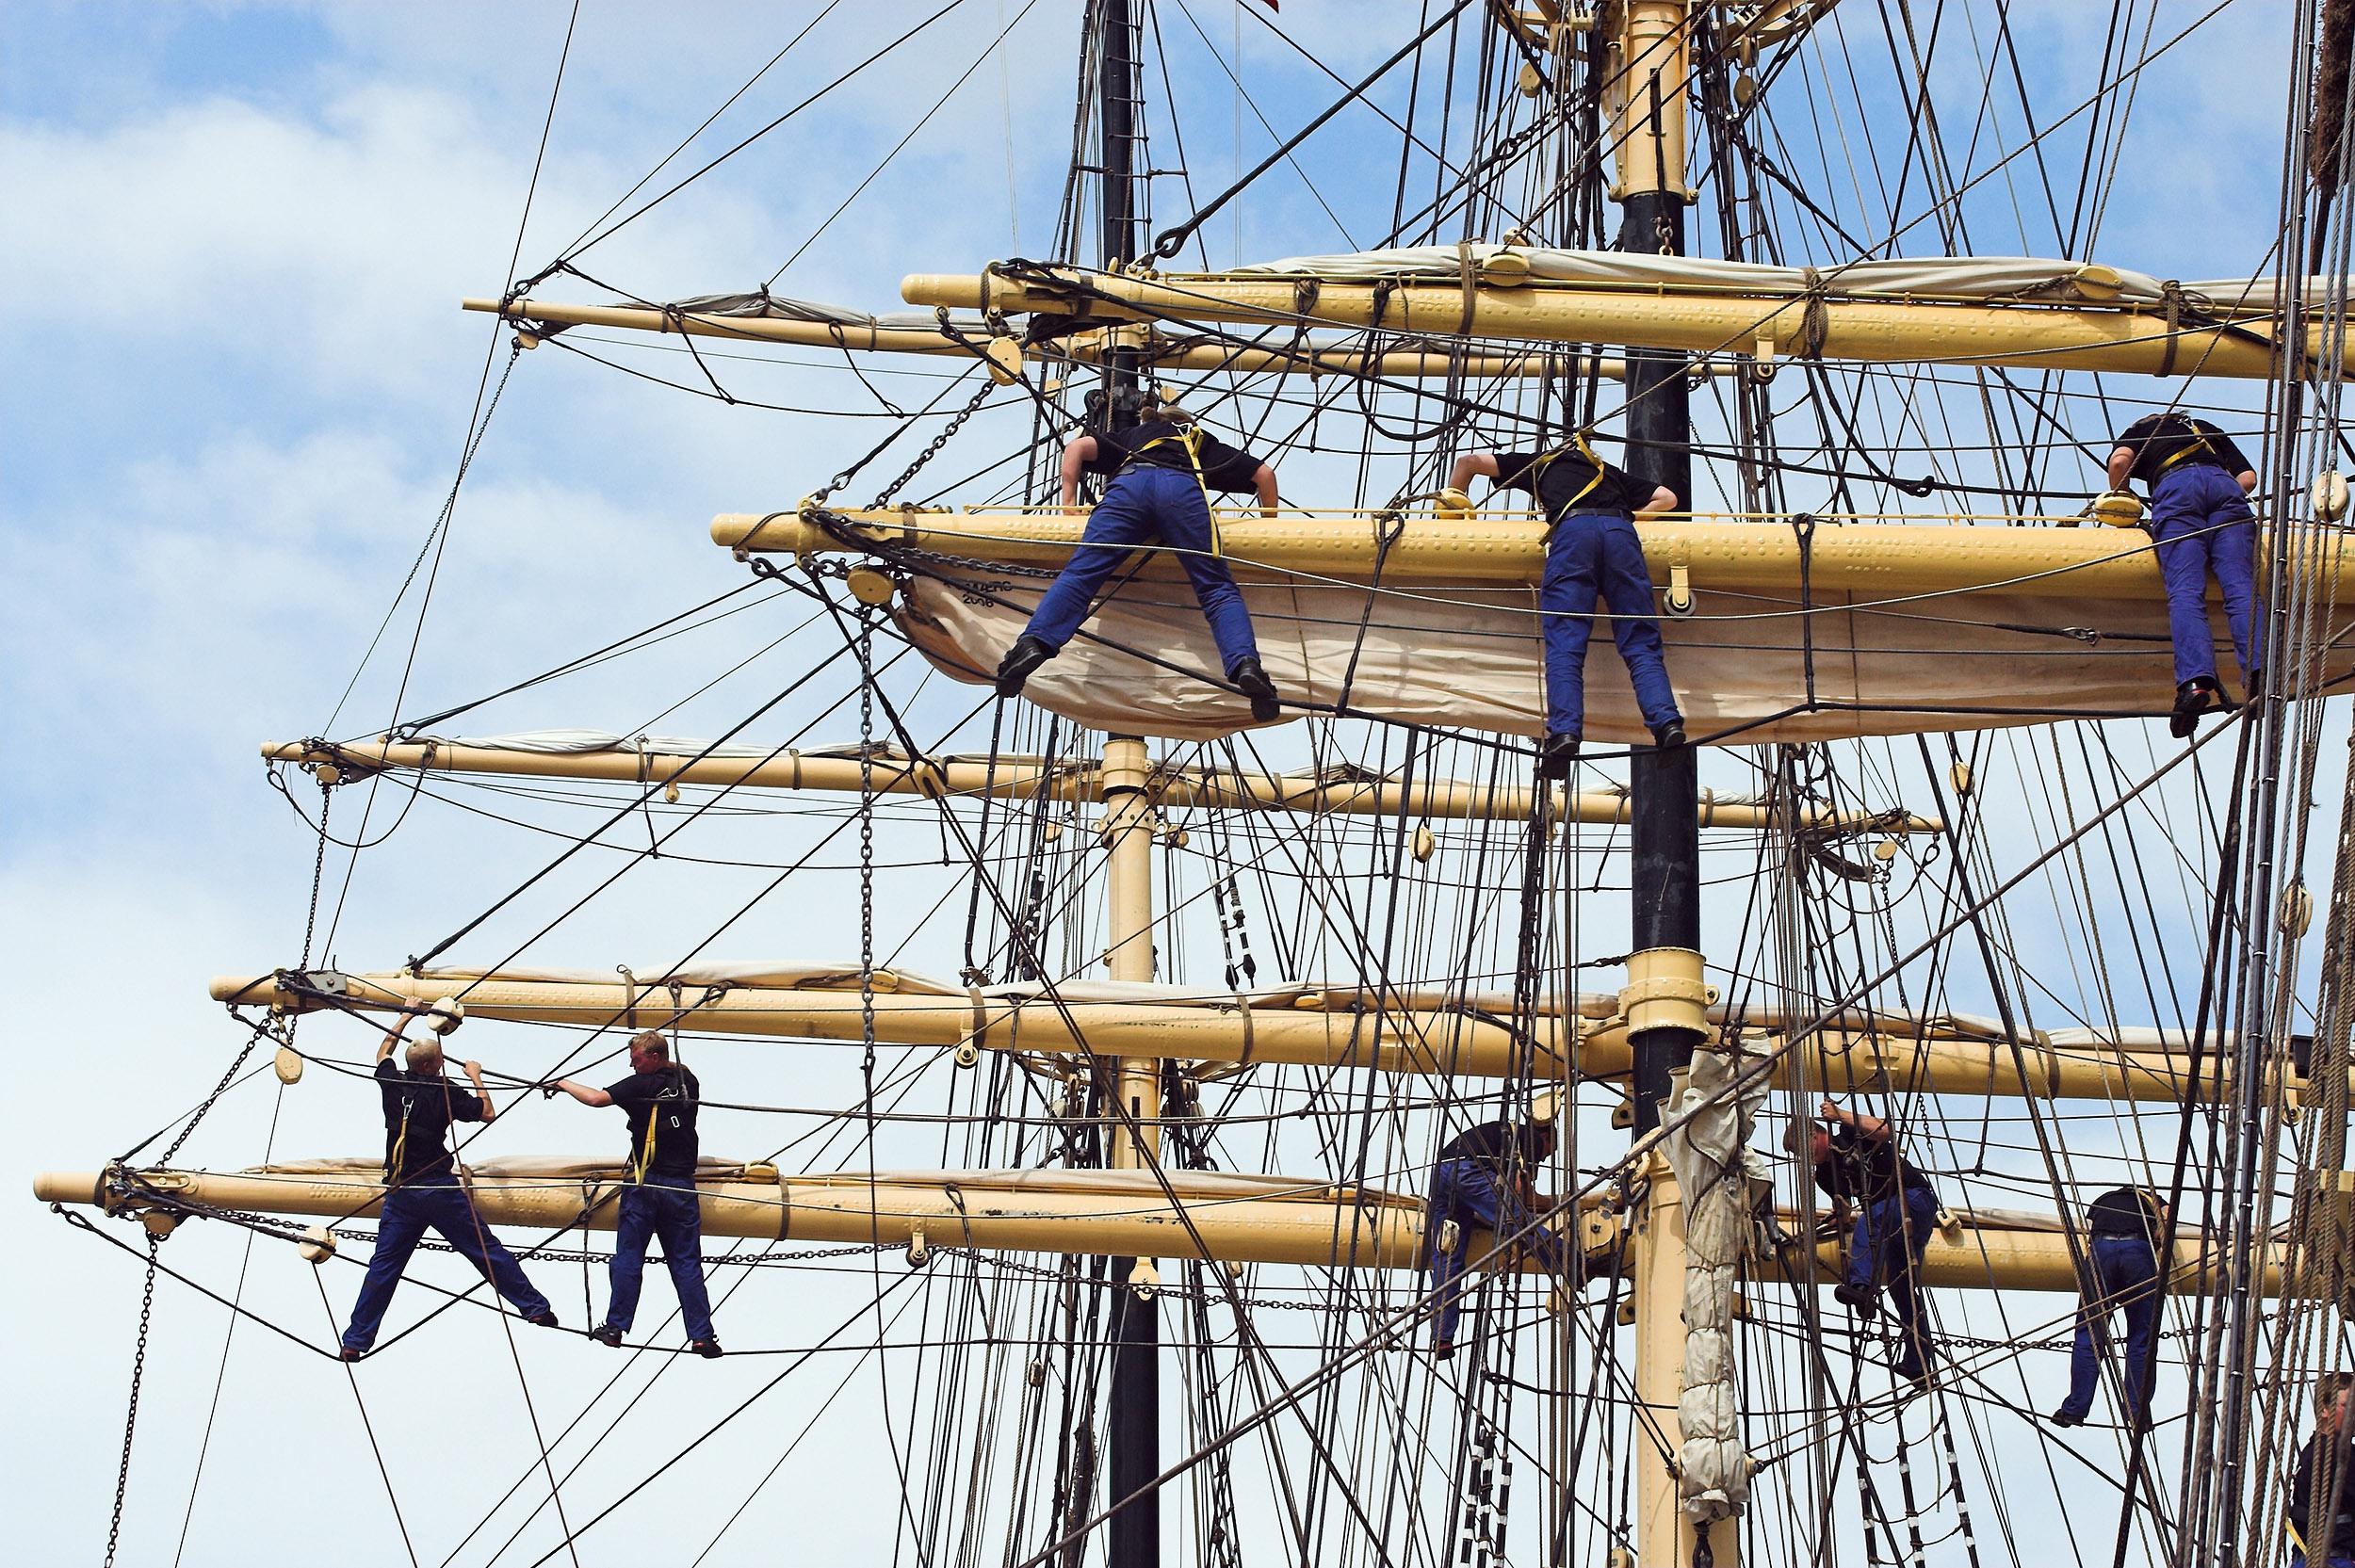 foto van matrozen die in groot zeilschip aan touwen hangen